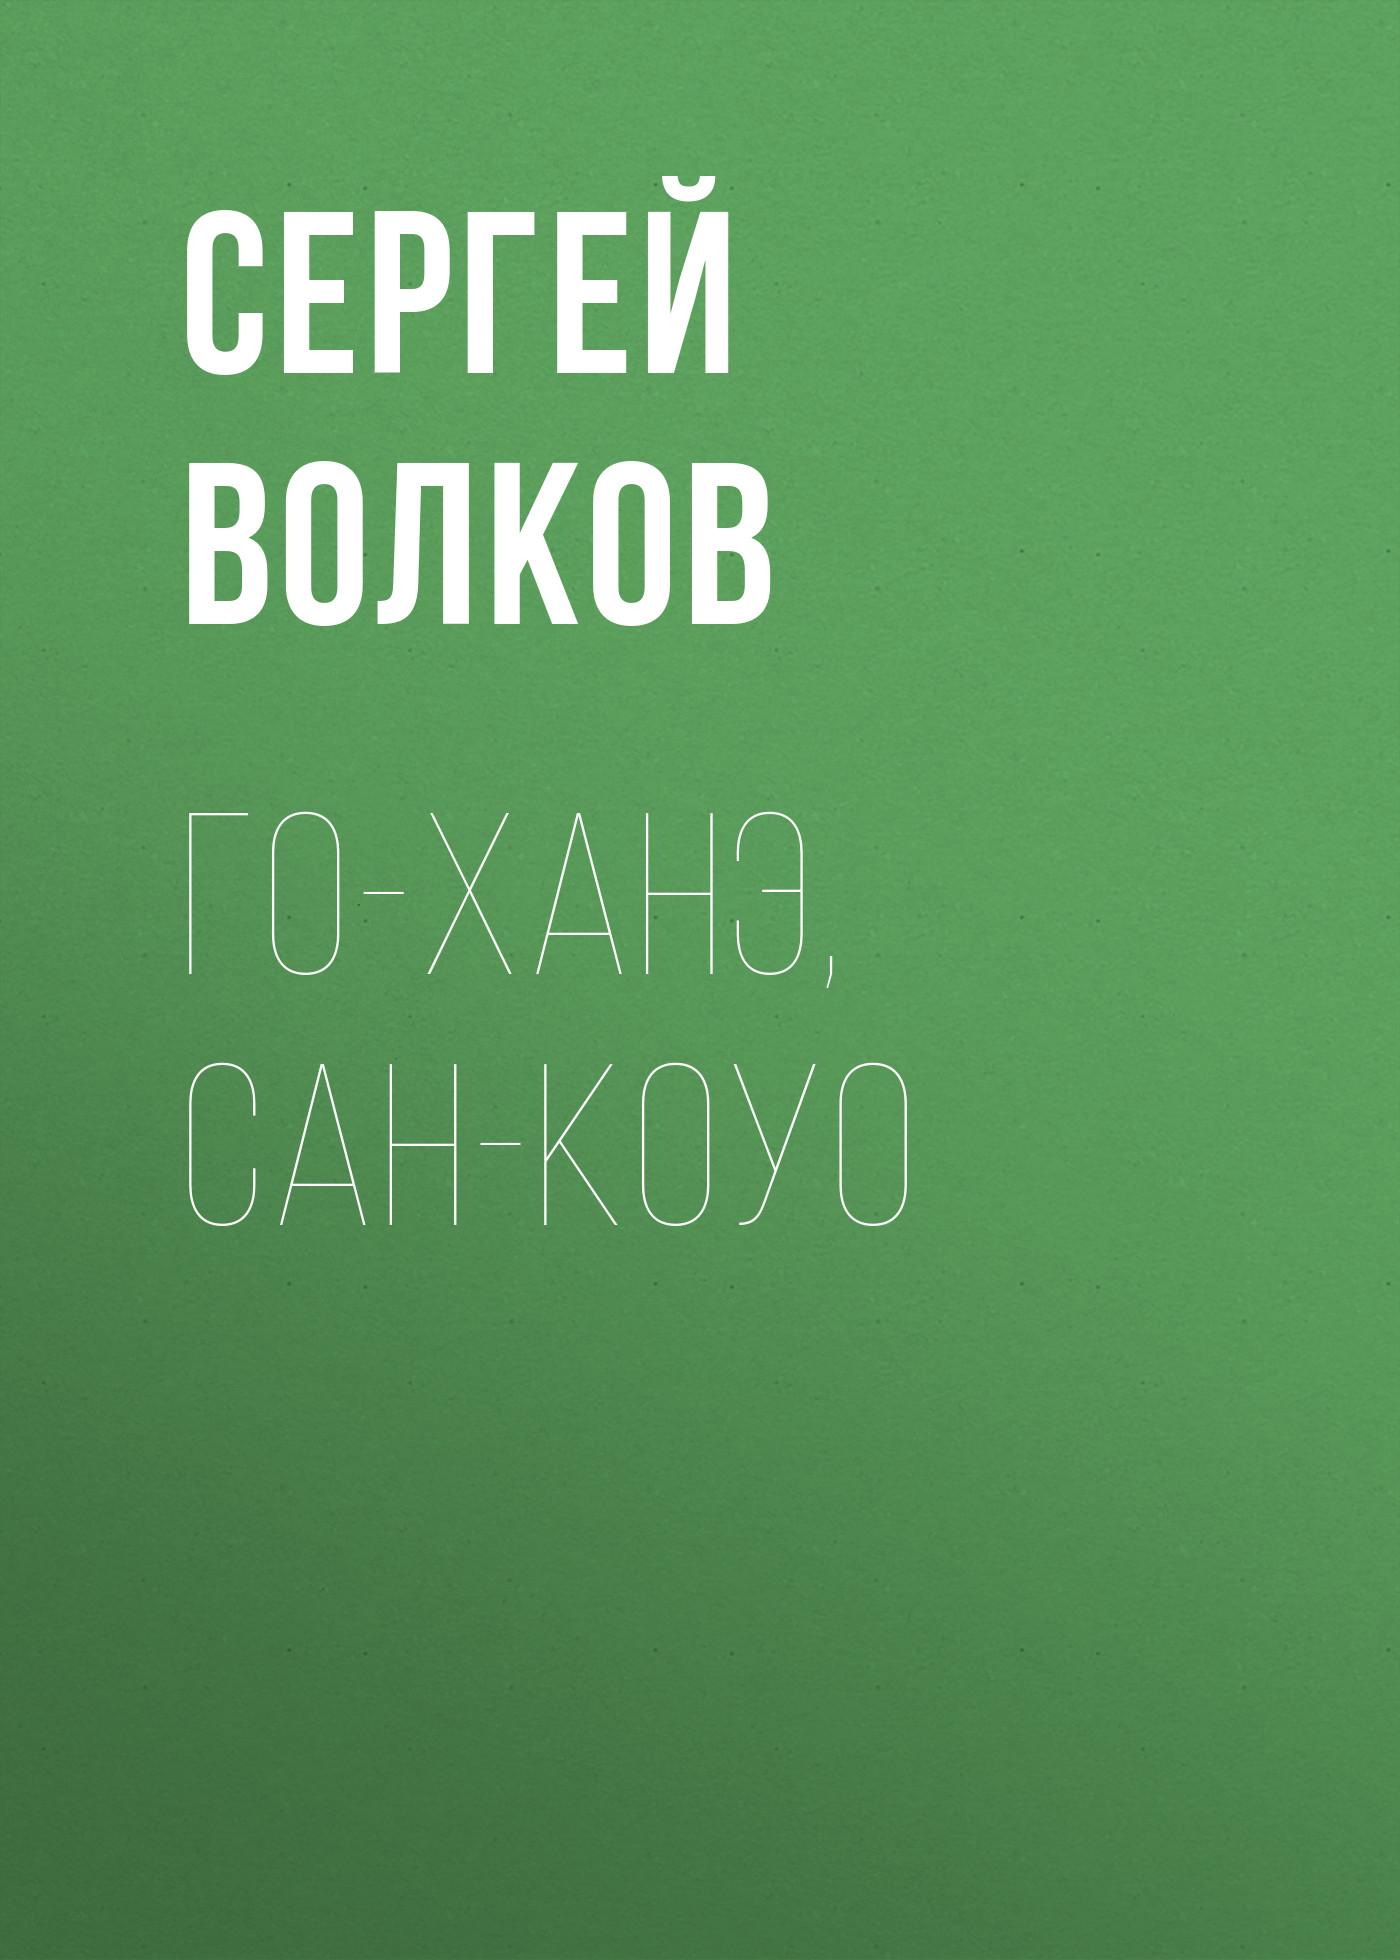 Сергей Волков Го-ханэ, сан-коуо сергей зверев на собак волков не зови